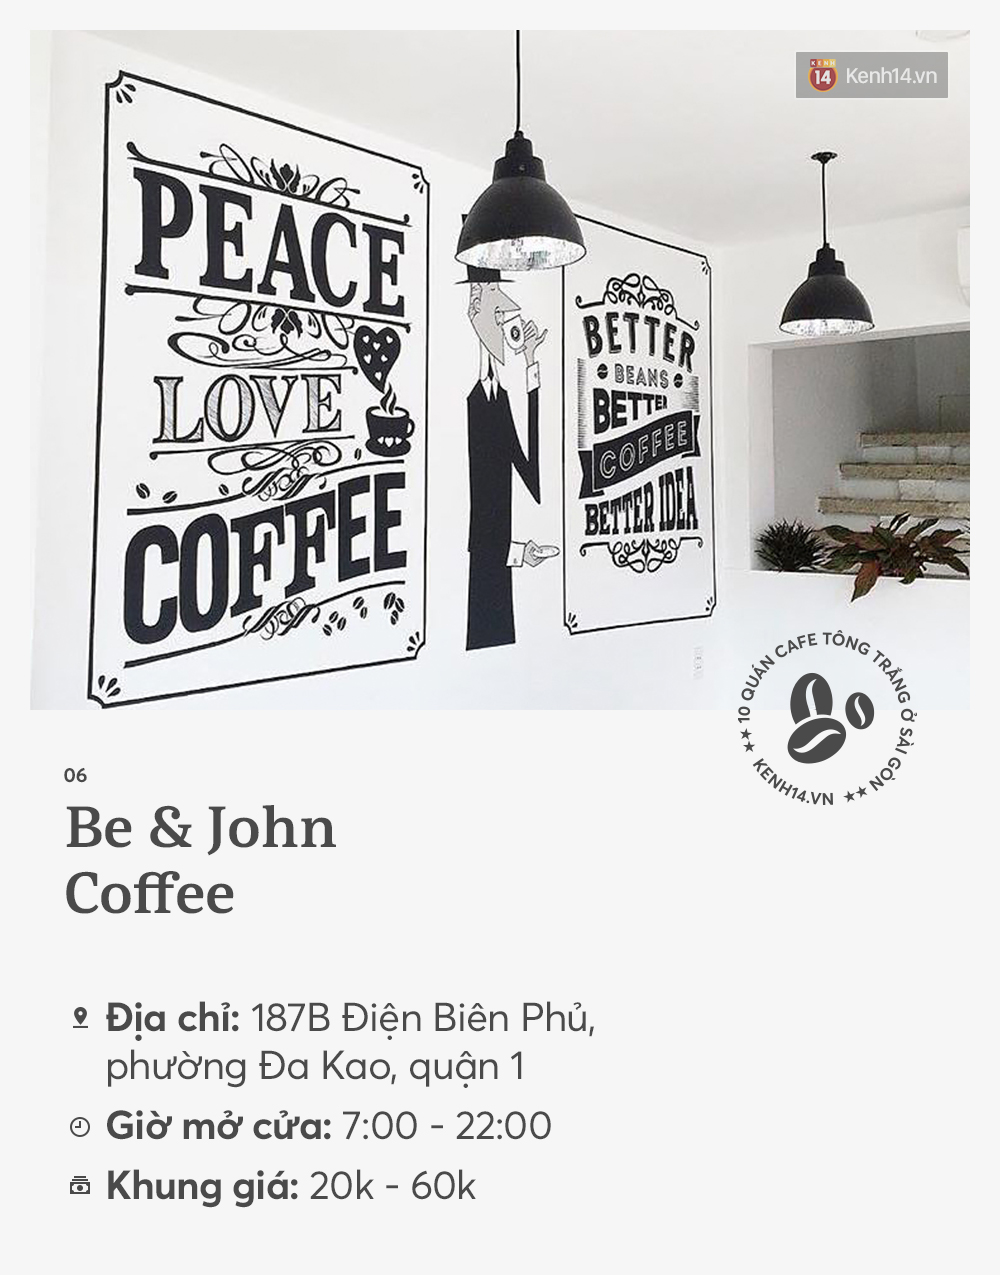 10 quán cà phê tông trắng ở Sài Gòn, cứ đến là có ảnh đẹp! - Ảnh 11.